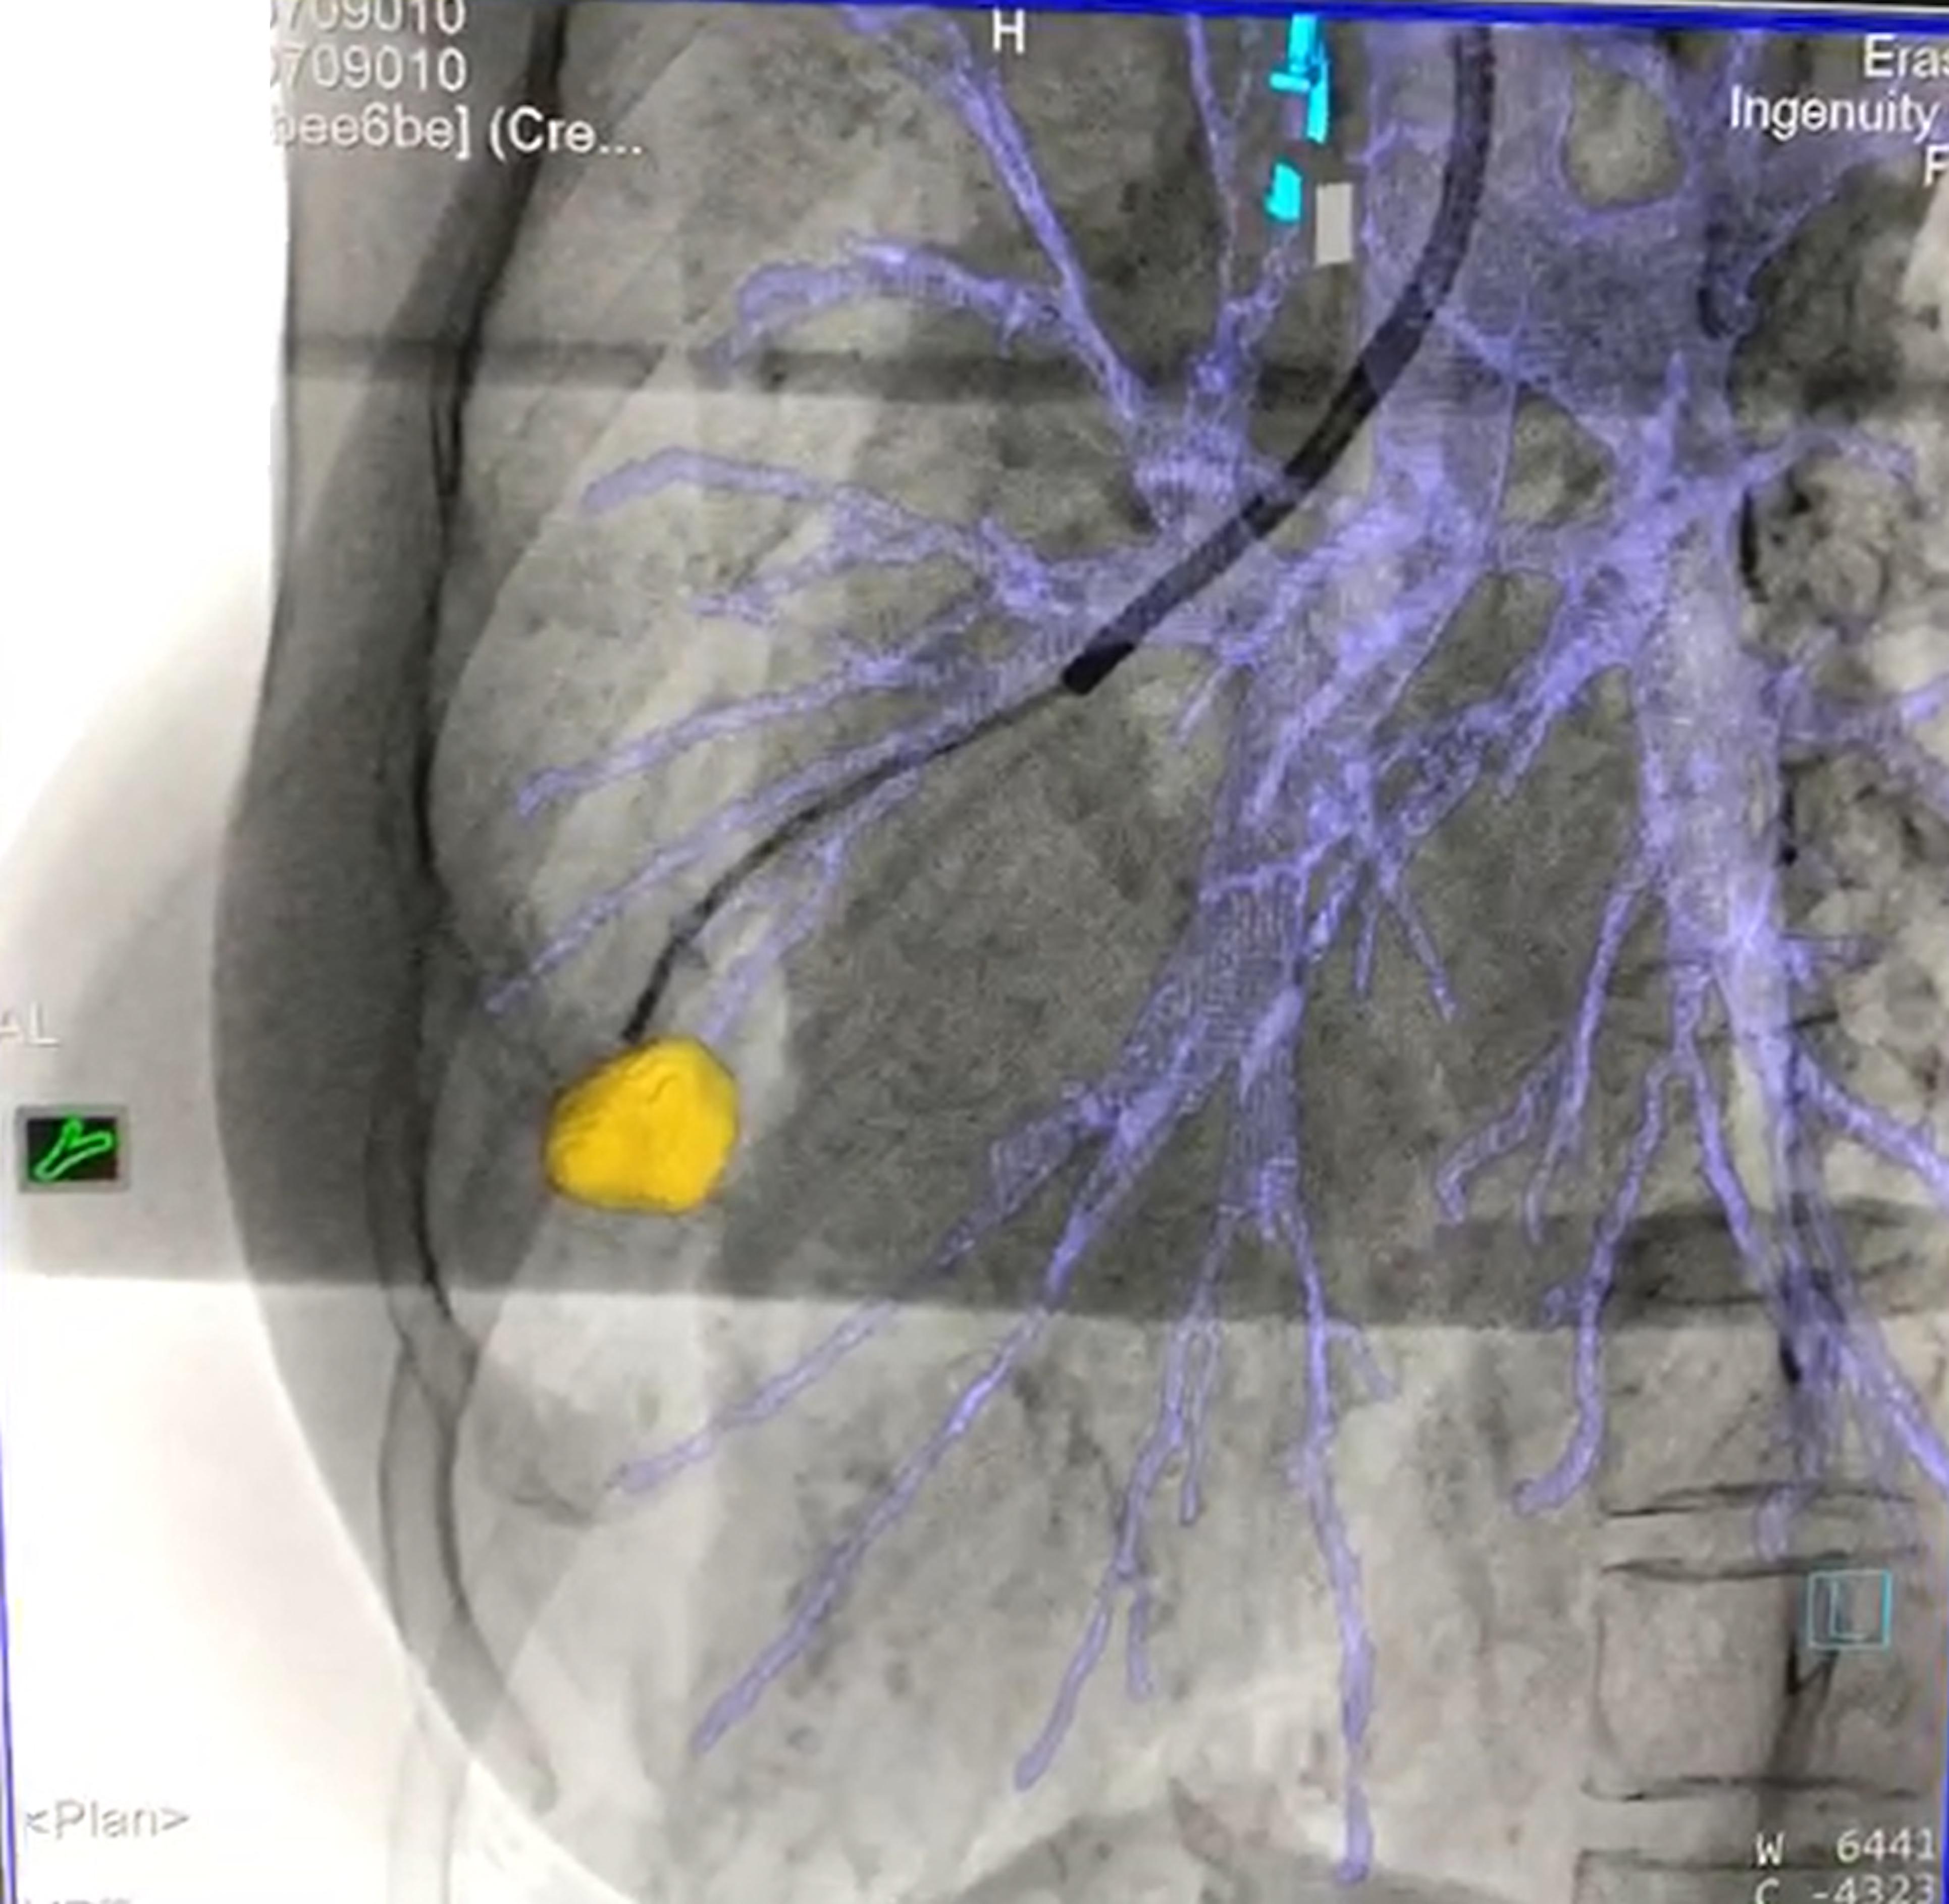 於擴增透視導引下完成肺內導管介入